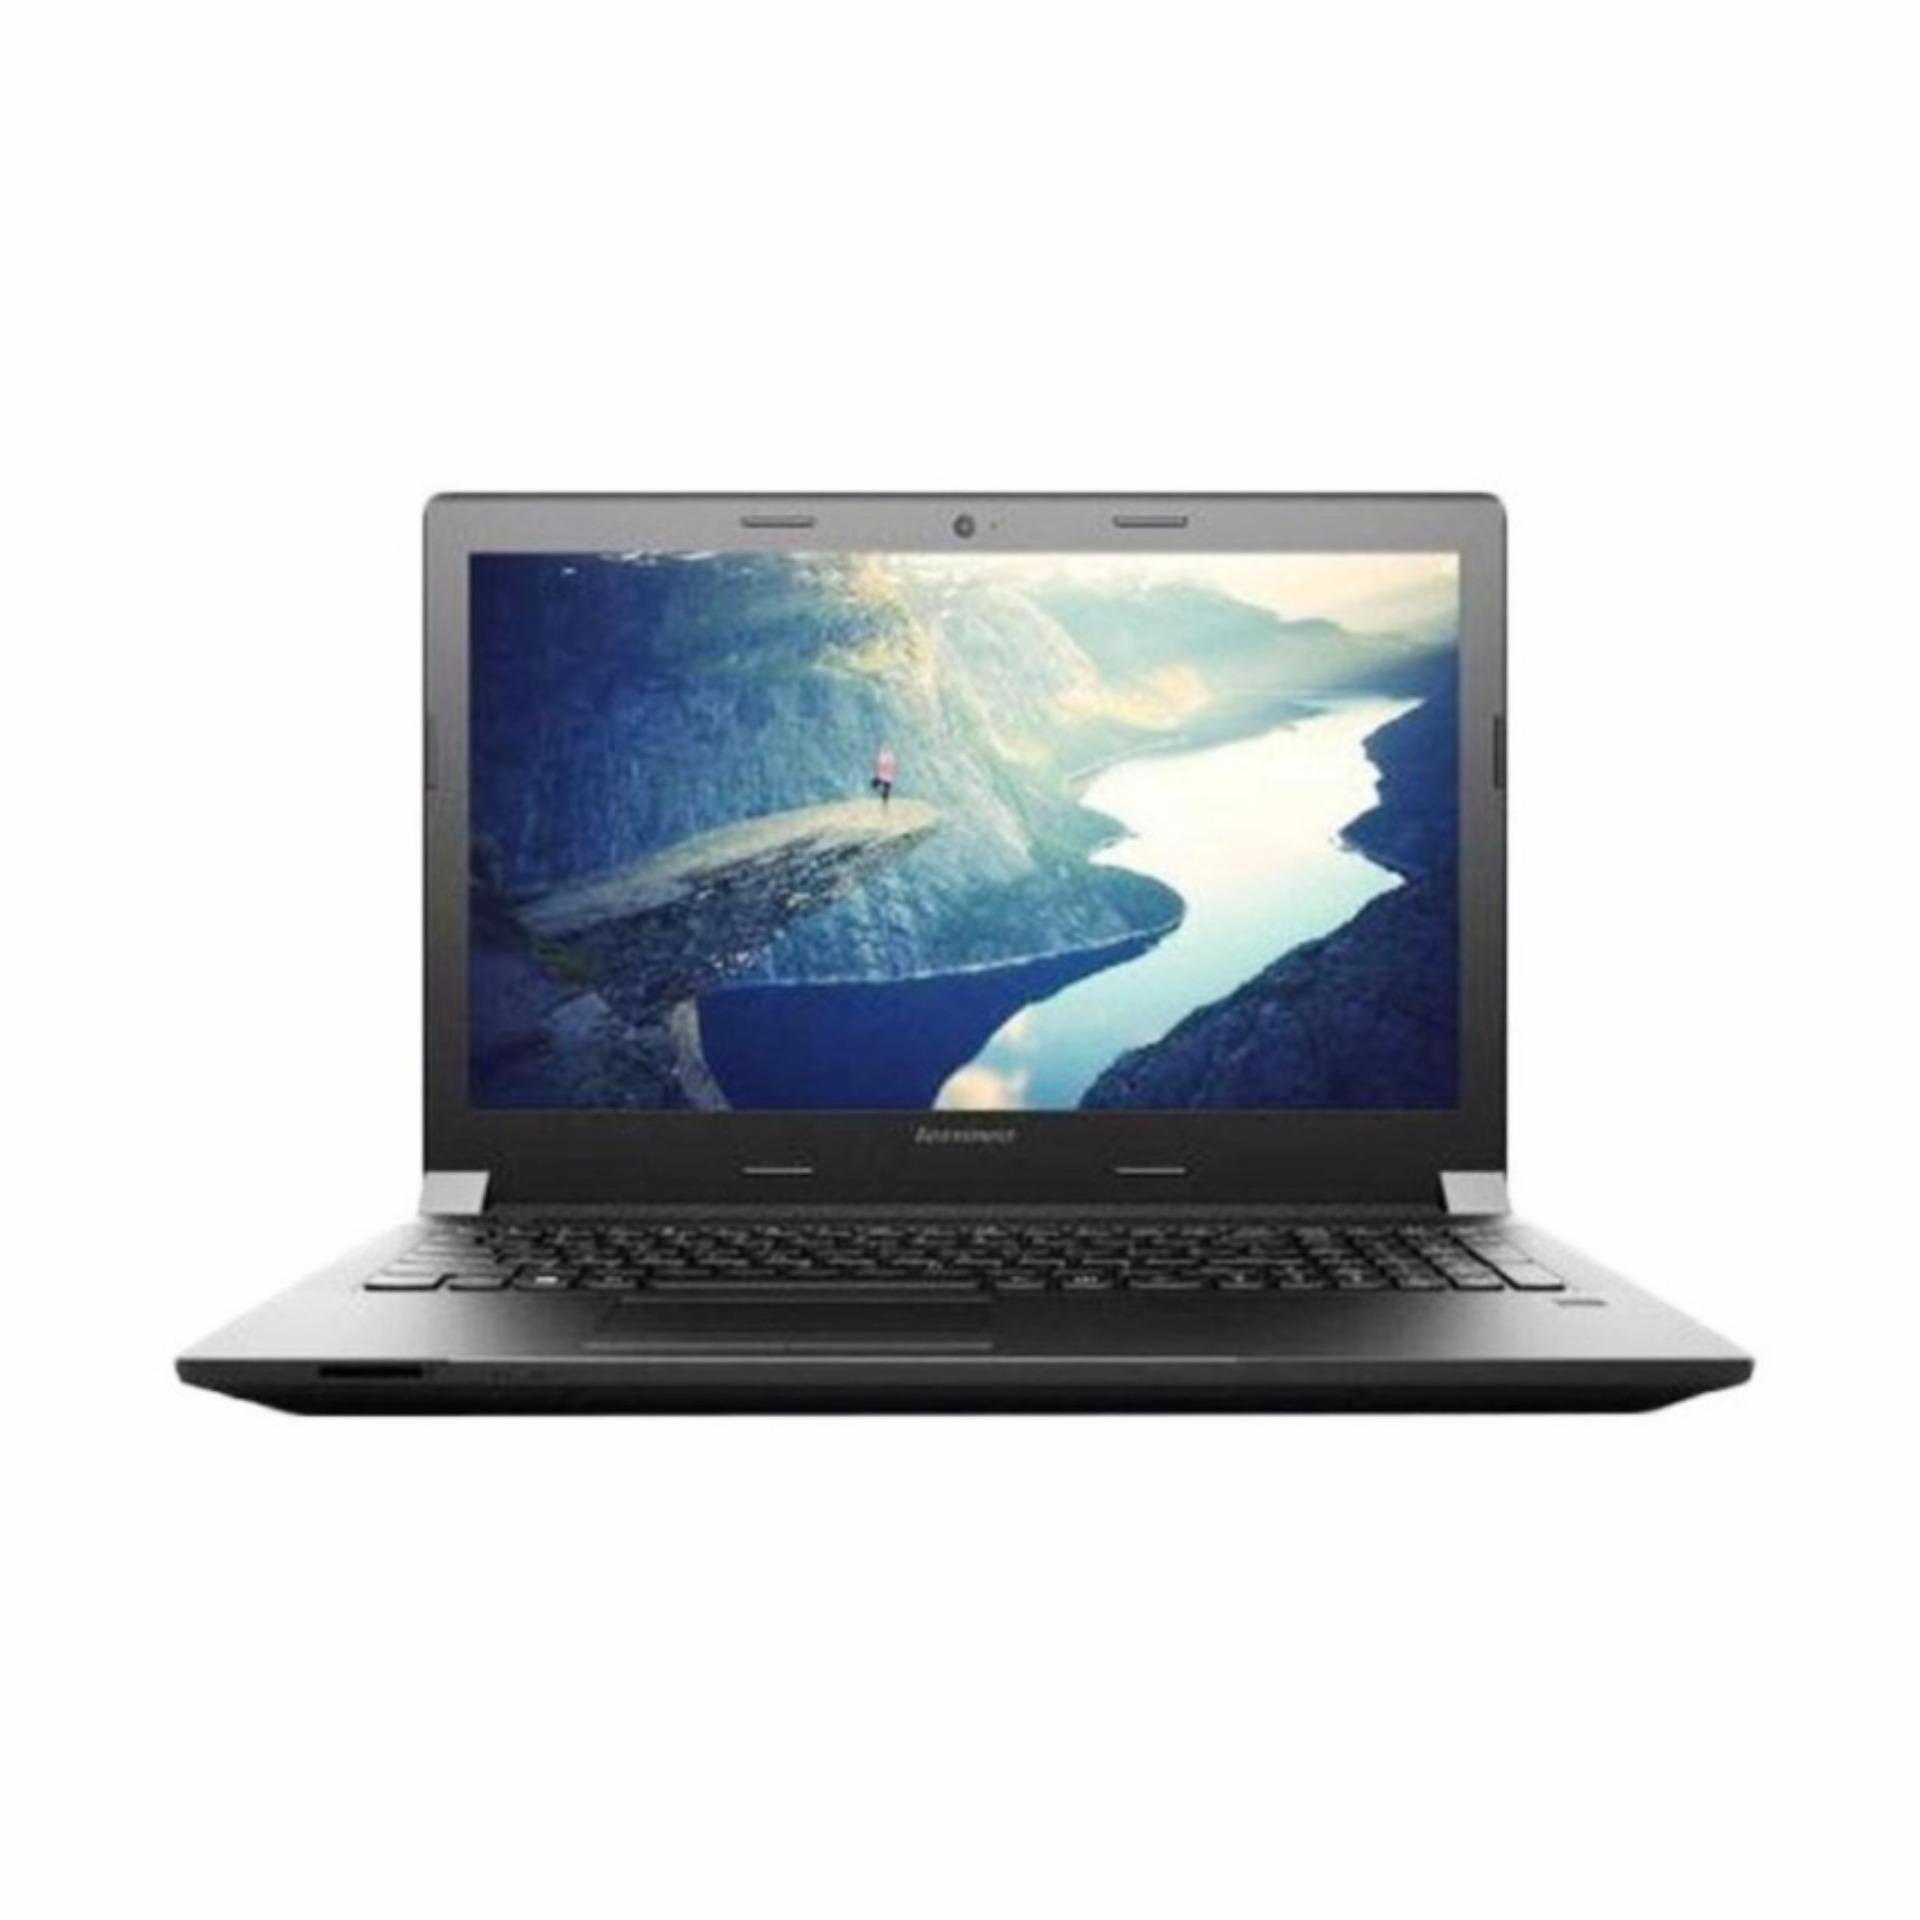 Terbaik Murah Lenovo Ideapad 310 15abr 80st00 5xus Amd A12 9700p 25 310s 1gid 34ghz